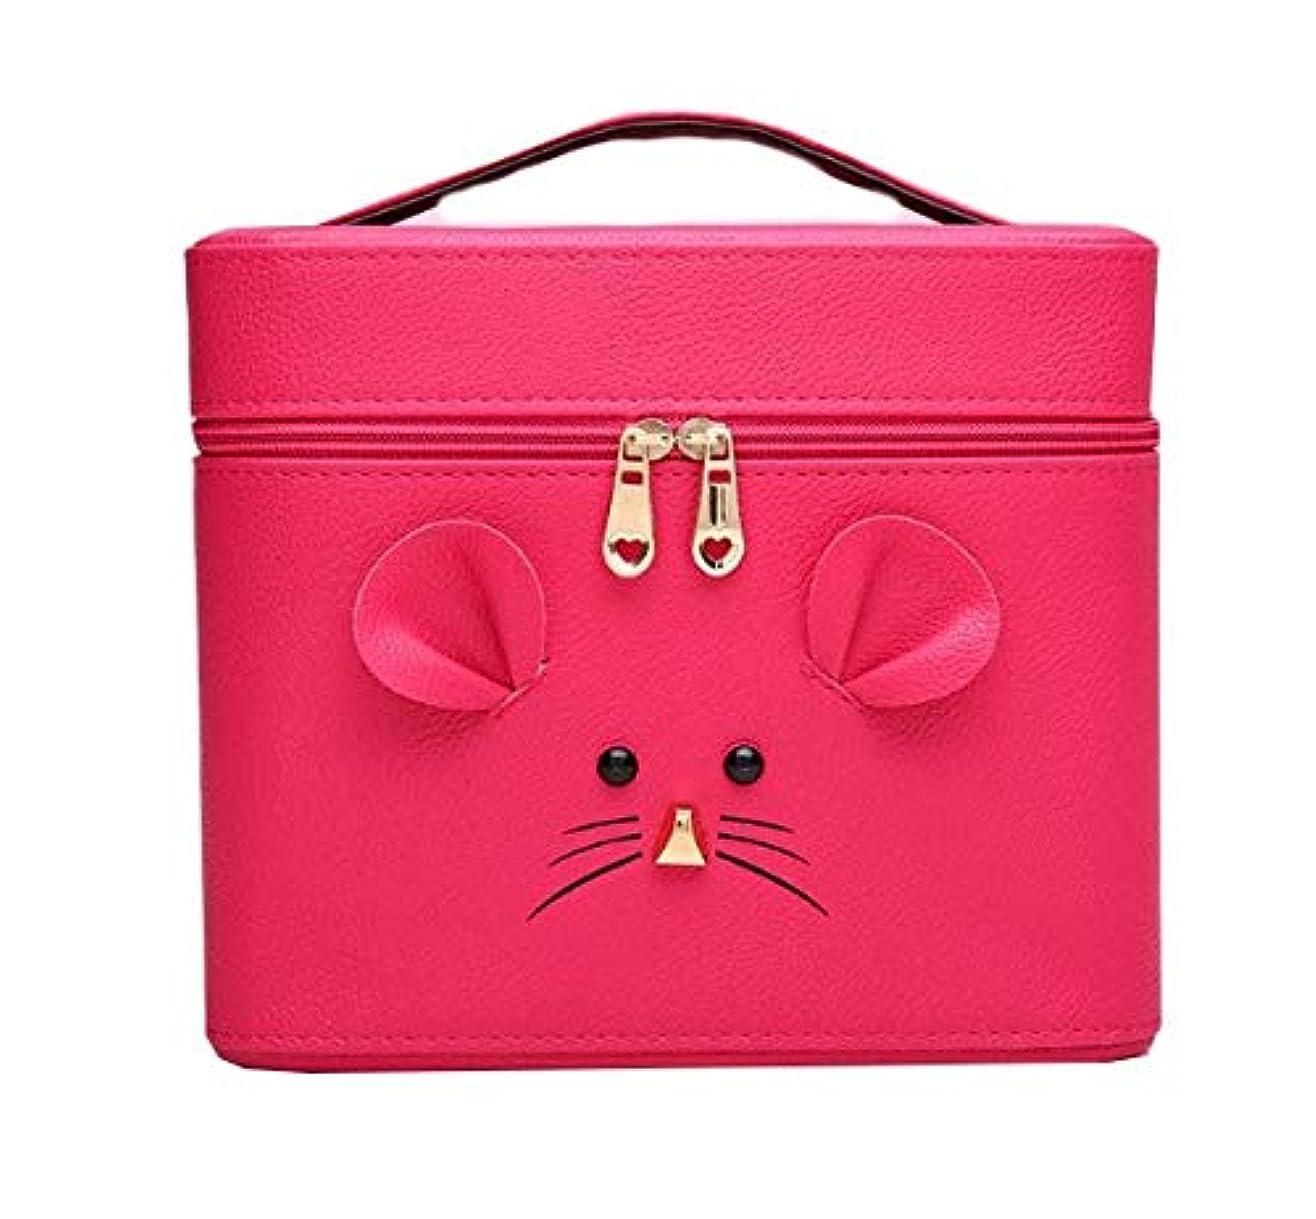 興奮勇気人口化粧箱、ローズレッド漫画マウス化粧ケース、ポータブル旅行化粧品ケース、美容ネイルジュエリー収納ボックス (Size : M)